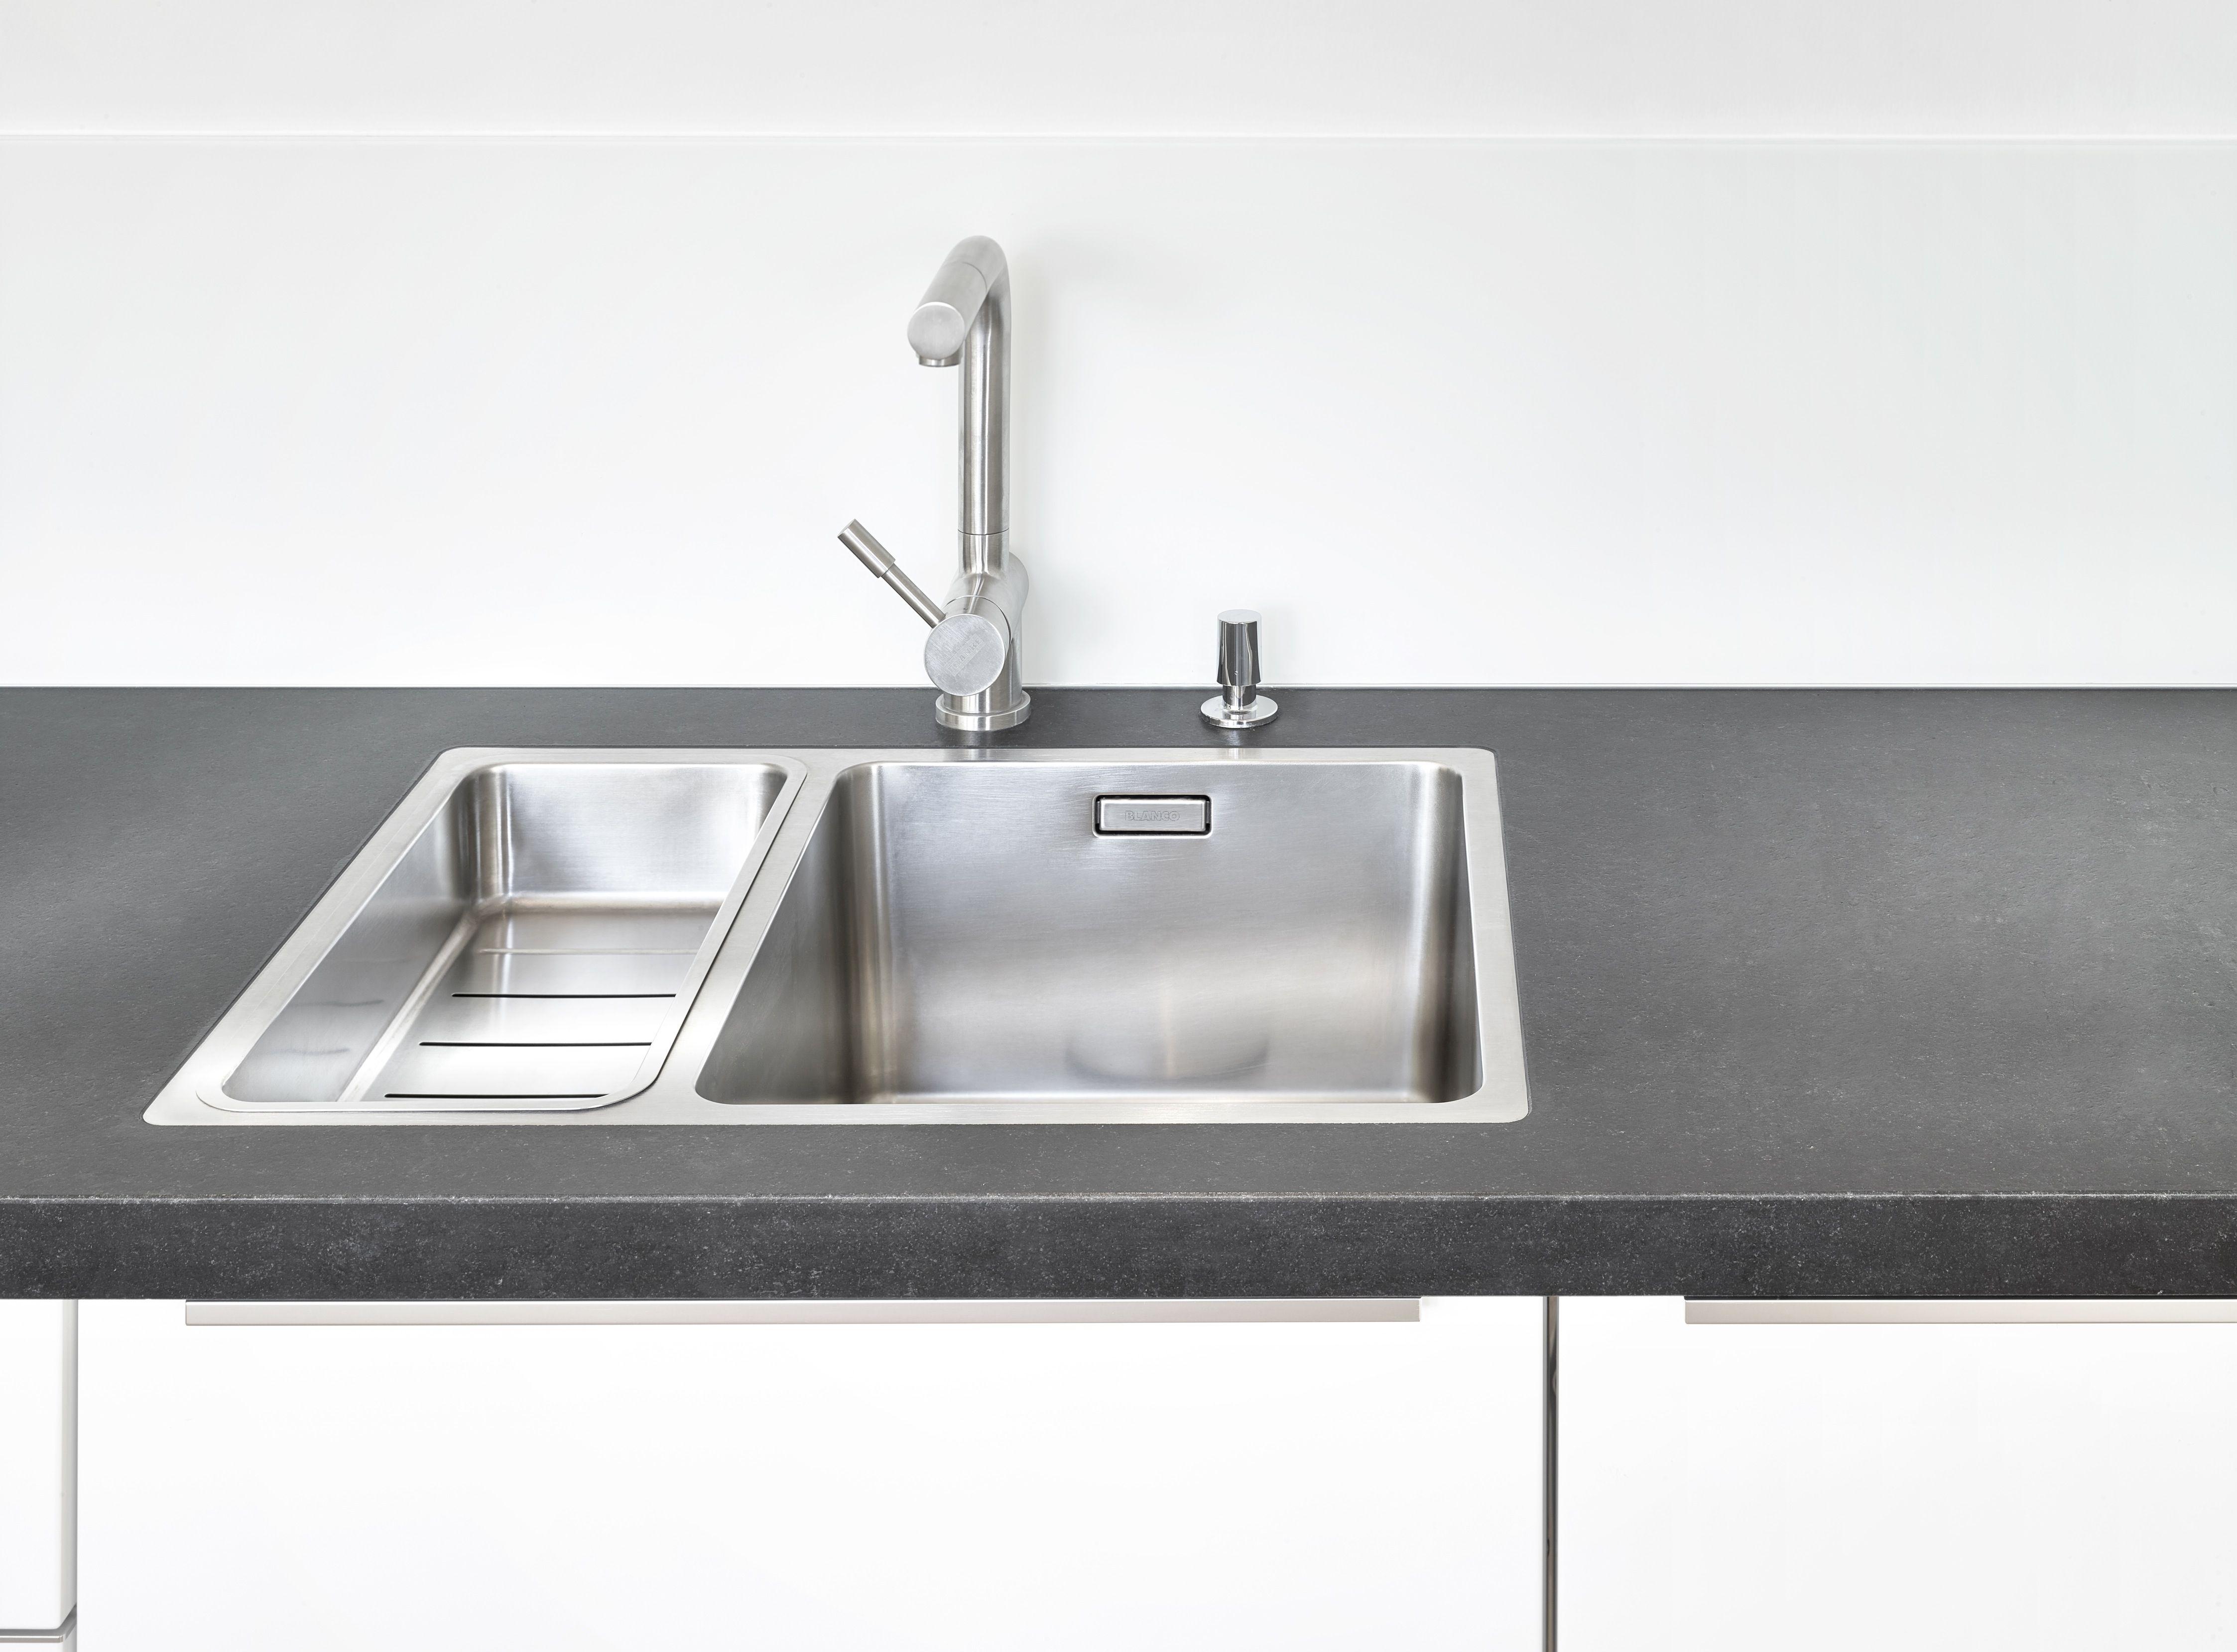 Spülbeckenaufnahme Küchenarbeitsplatte Nero Assoluto Zimbabwe (3 cm ...